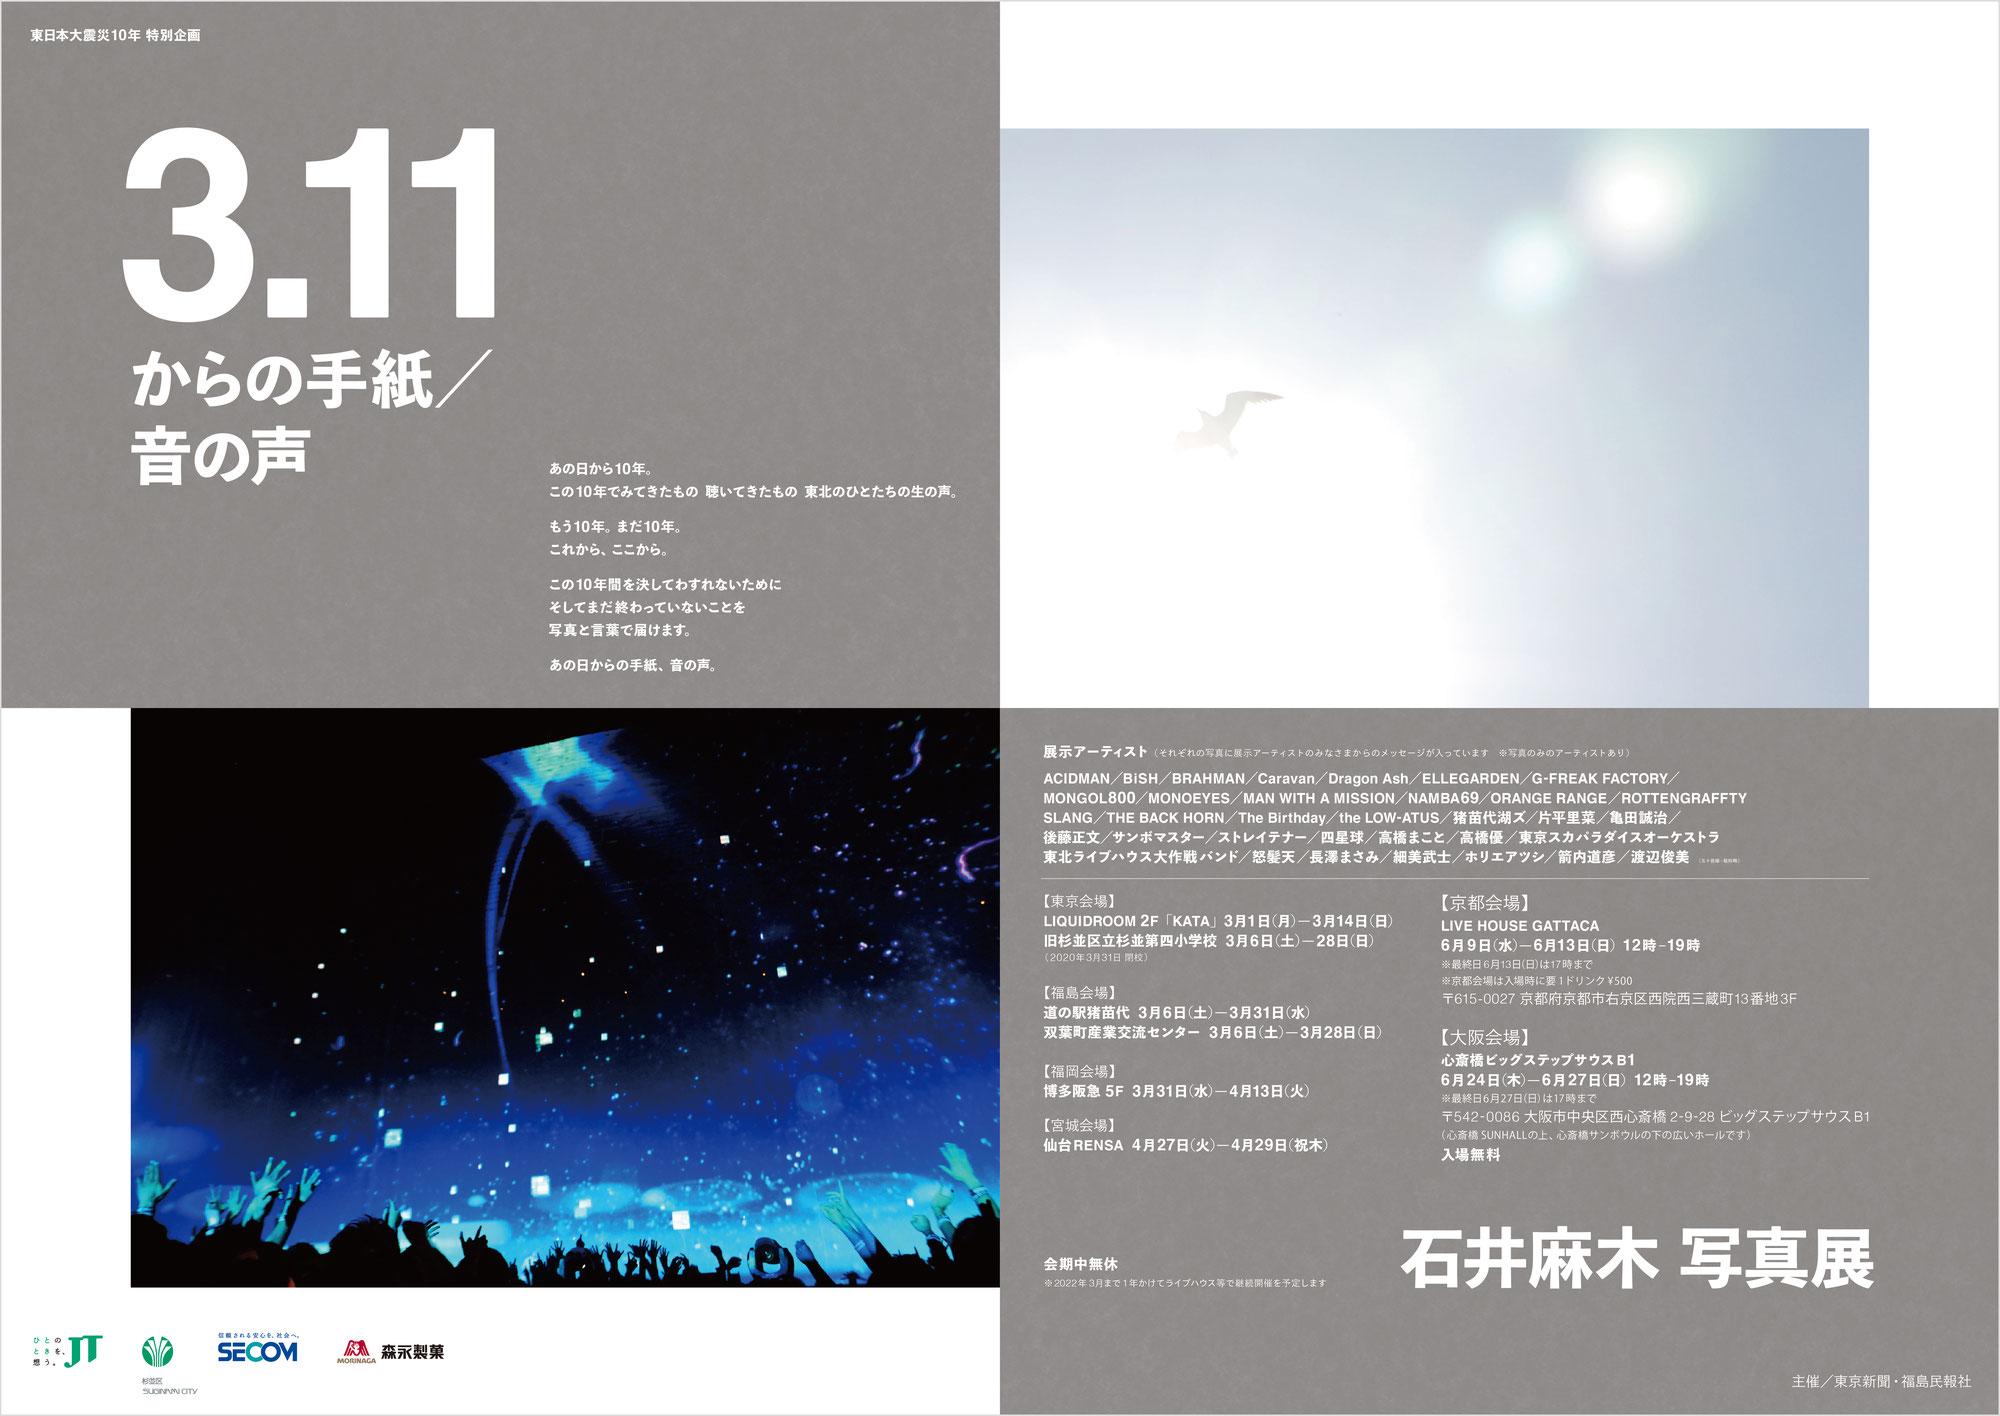 石井麻木写真展「3.11からの手紙/音の声」京都・大阪開催決定!